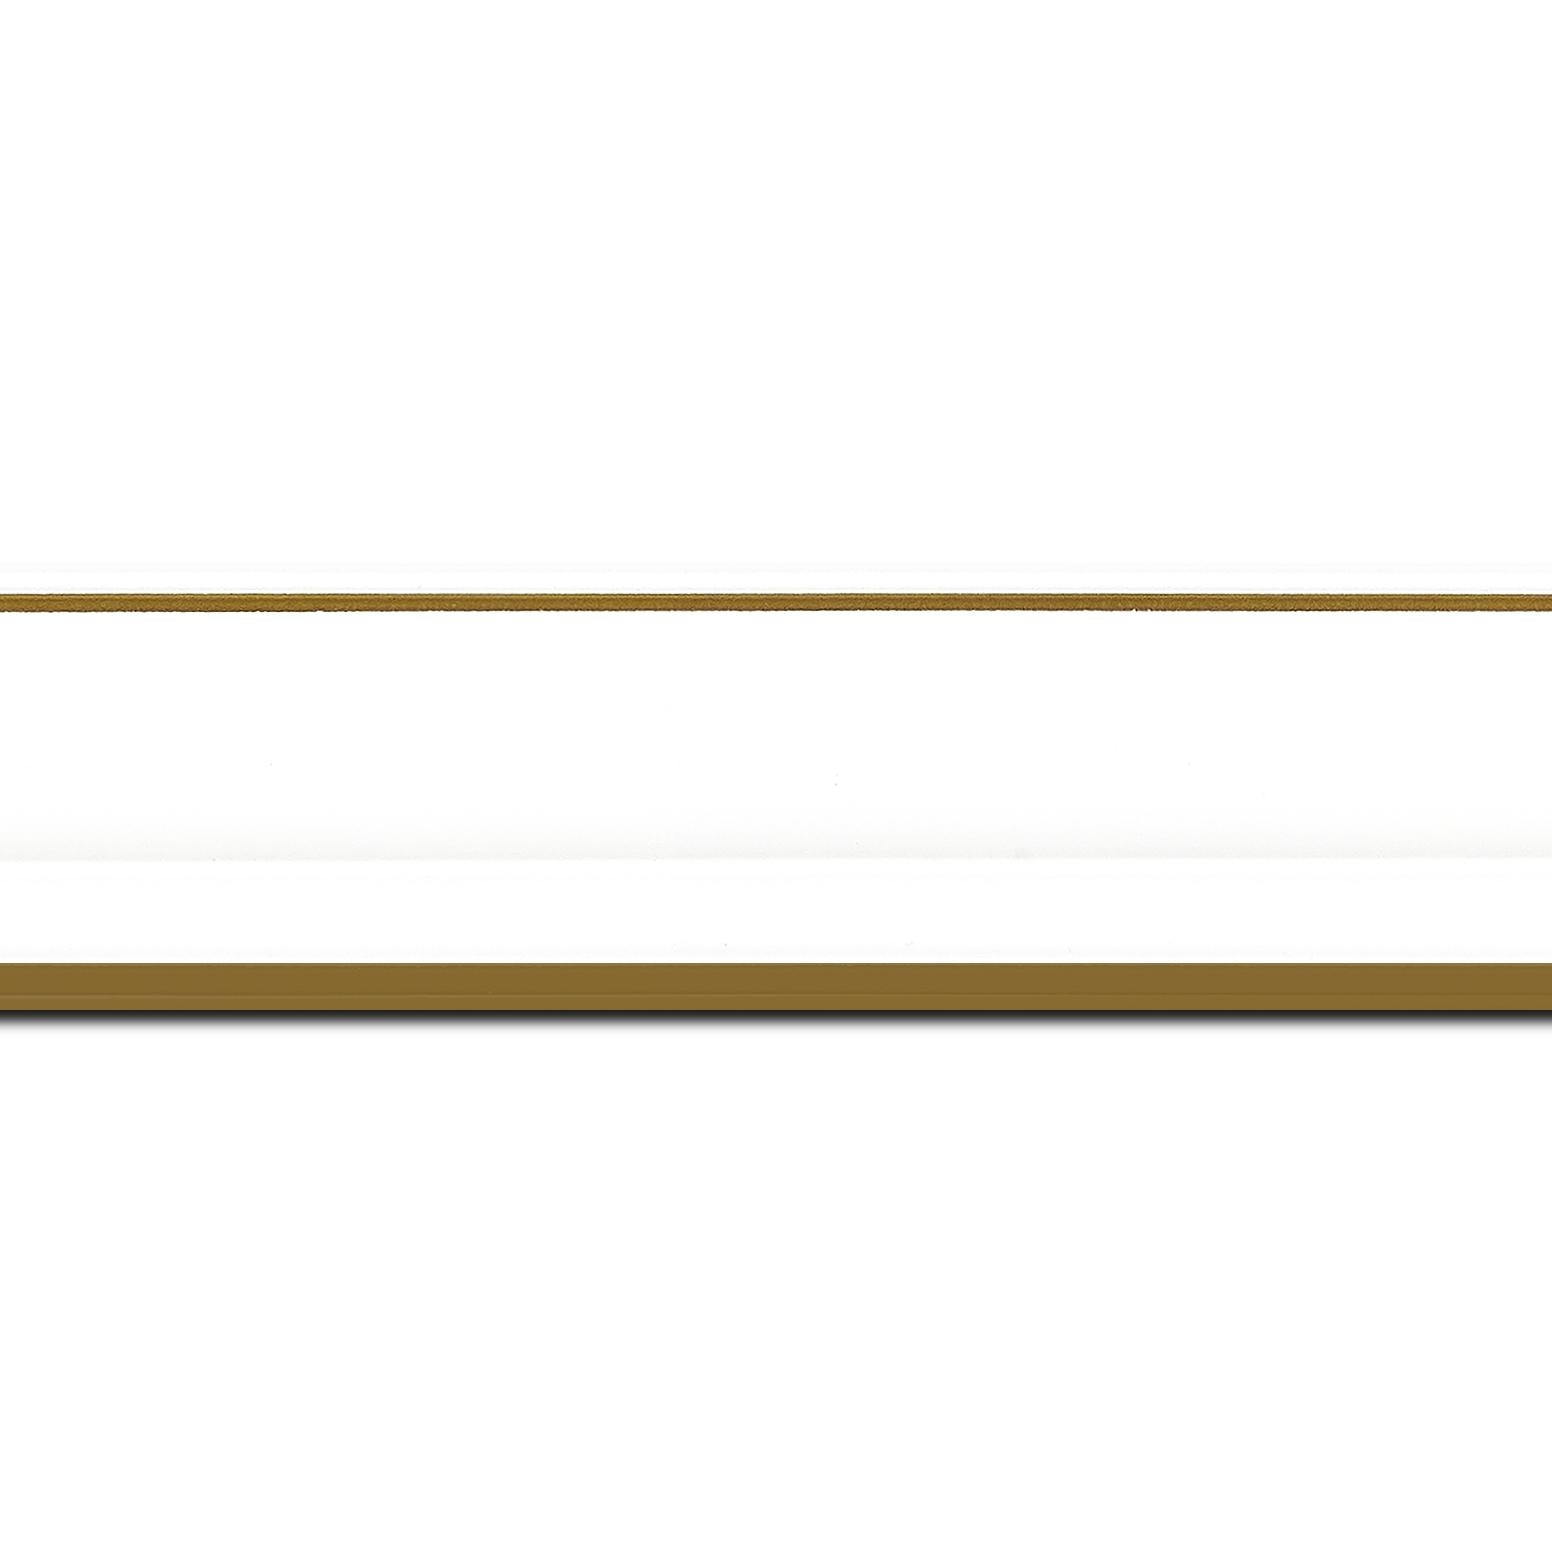 Pack par 12m, bois profil doucine inversée largeur 4.4cm  couleur blanc satiné filet or (longueur baguette pouvant varier entre 2.40m et 3m selon arrivage des bois)